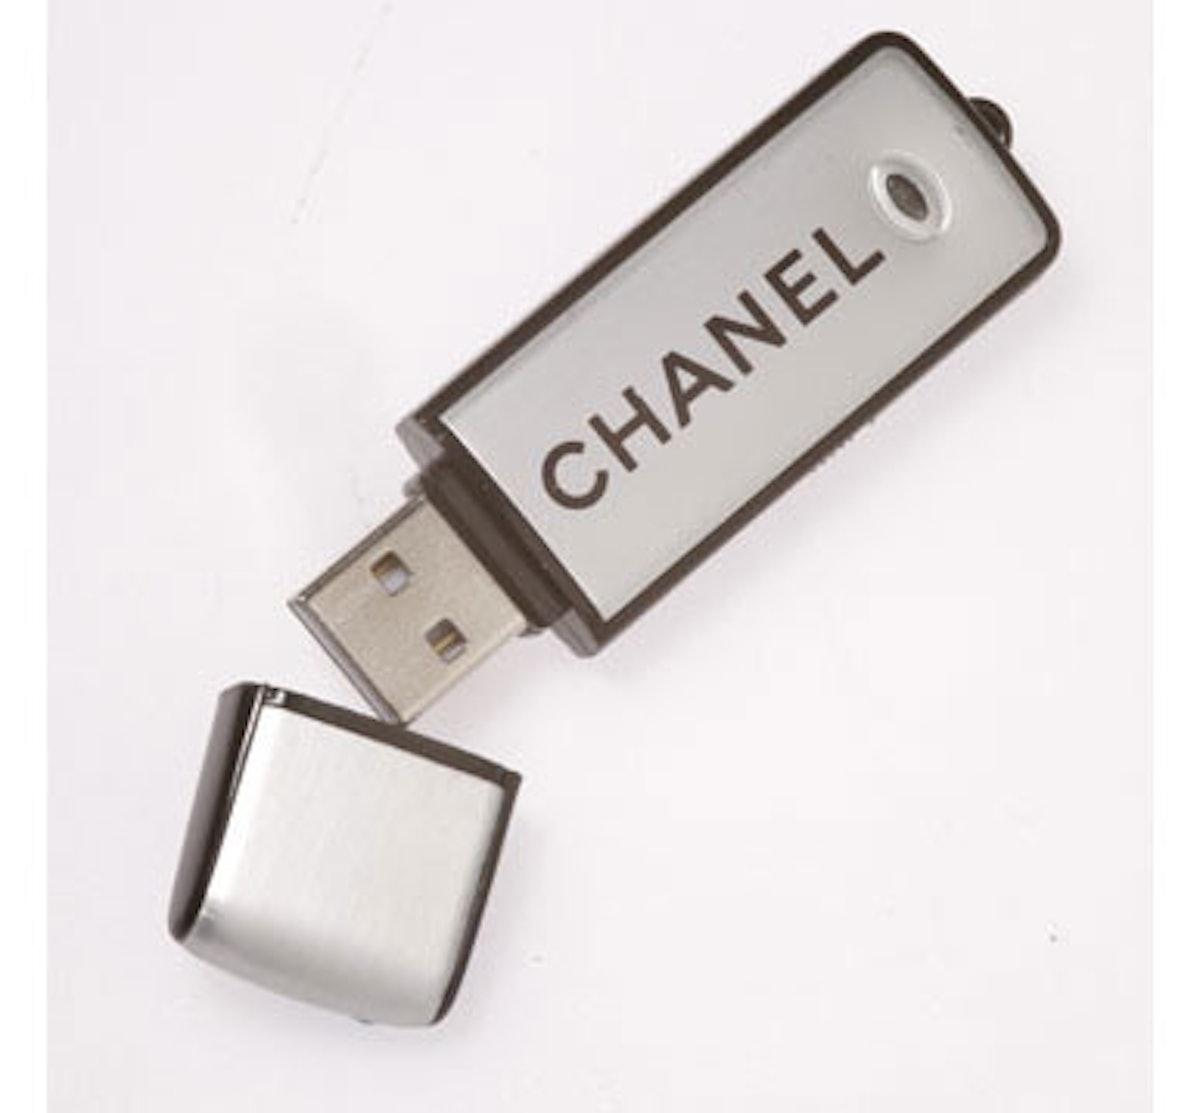 blog_chanel_memory-thumb-386x358.jpg